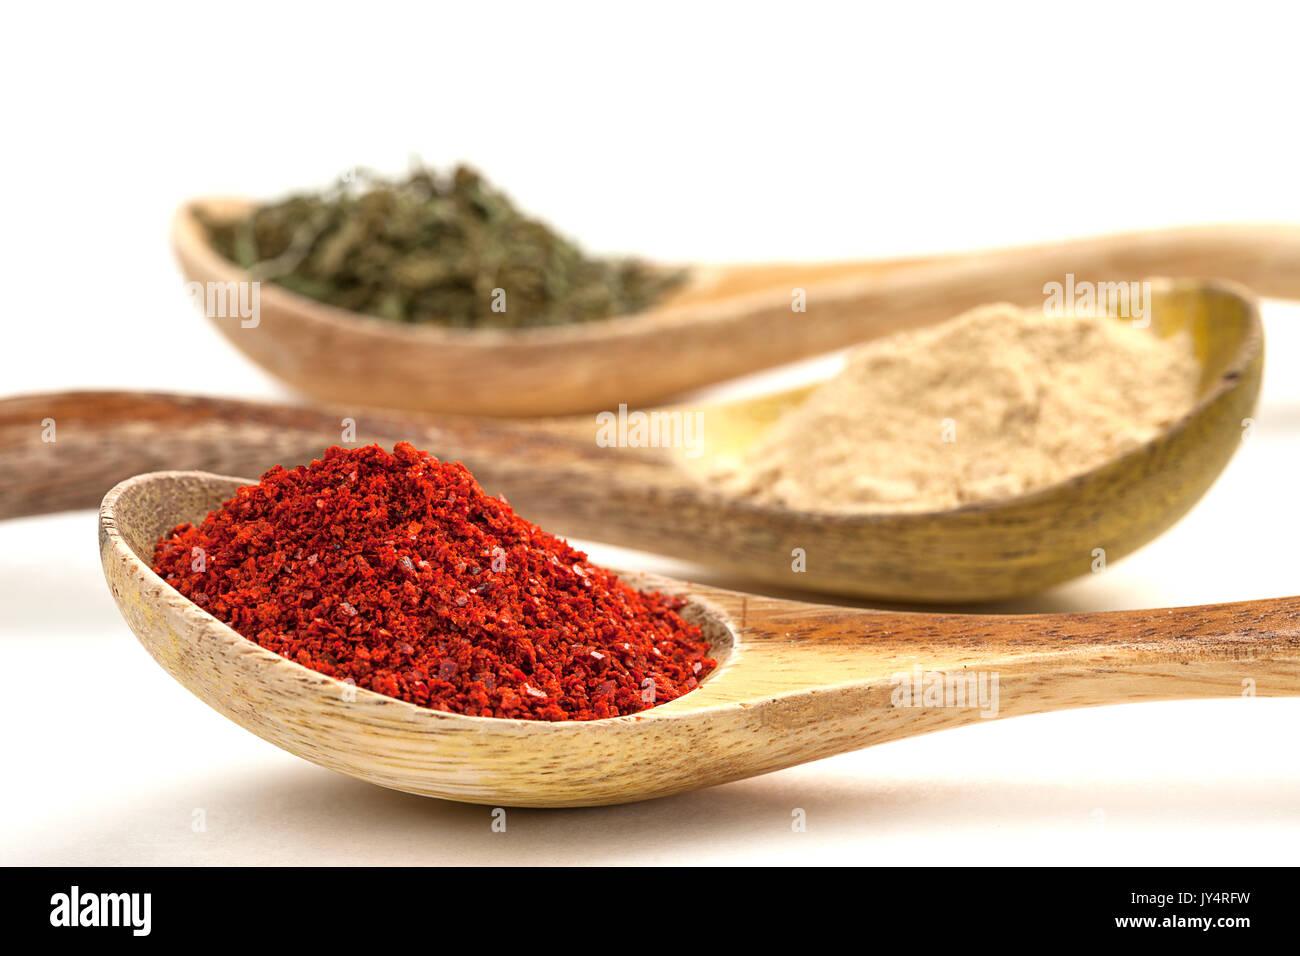 Un gros plan de cuillères en bois remplis de poudre de poivre rouge, ail en poudre, et les feuilles de basilic. Photo Stock